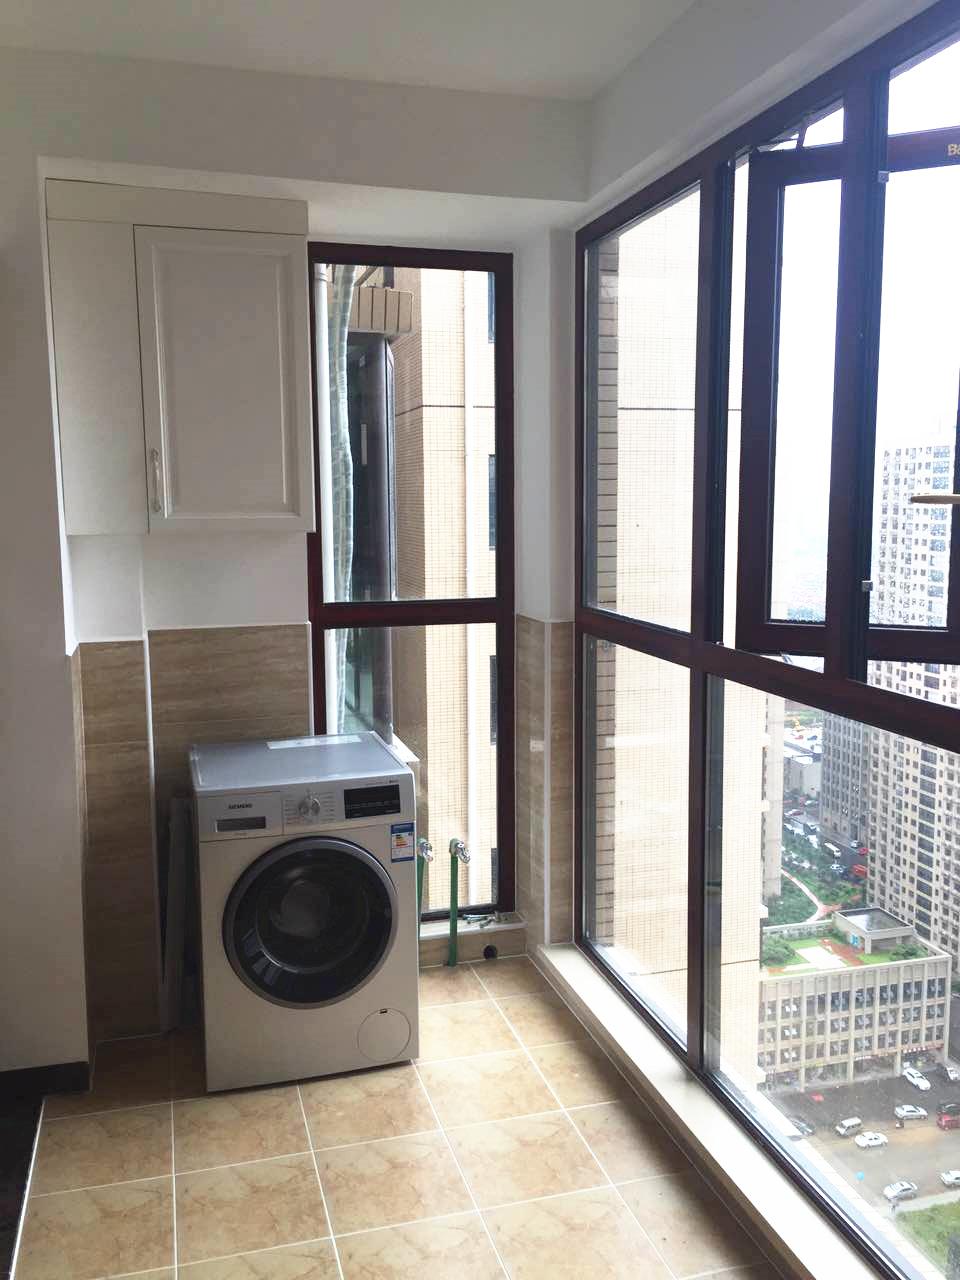 客厅一侧是干净整洁的多功能阳台,可用来洗衣晾晒。